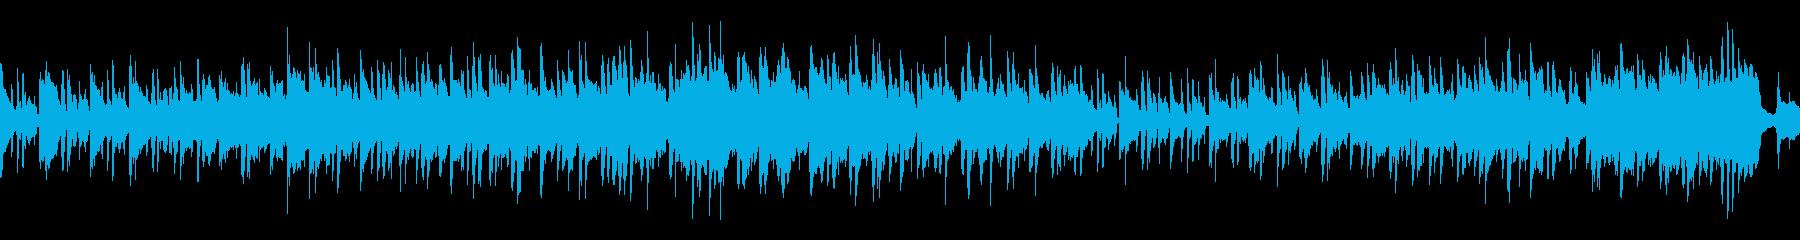 【メロなし/ループ】哀愁のボサノバの再生済みの波形